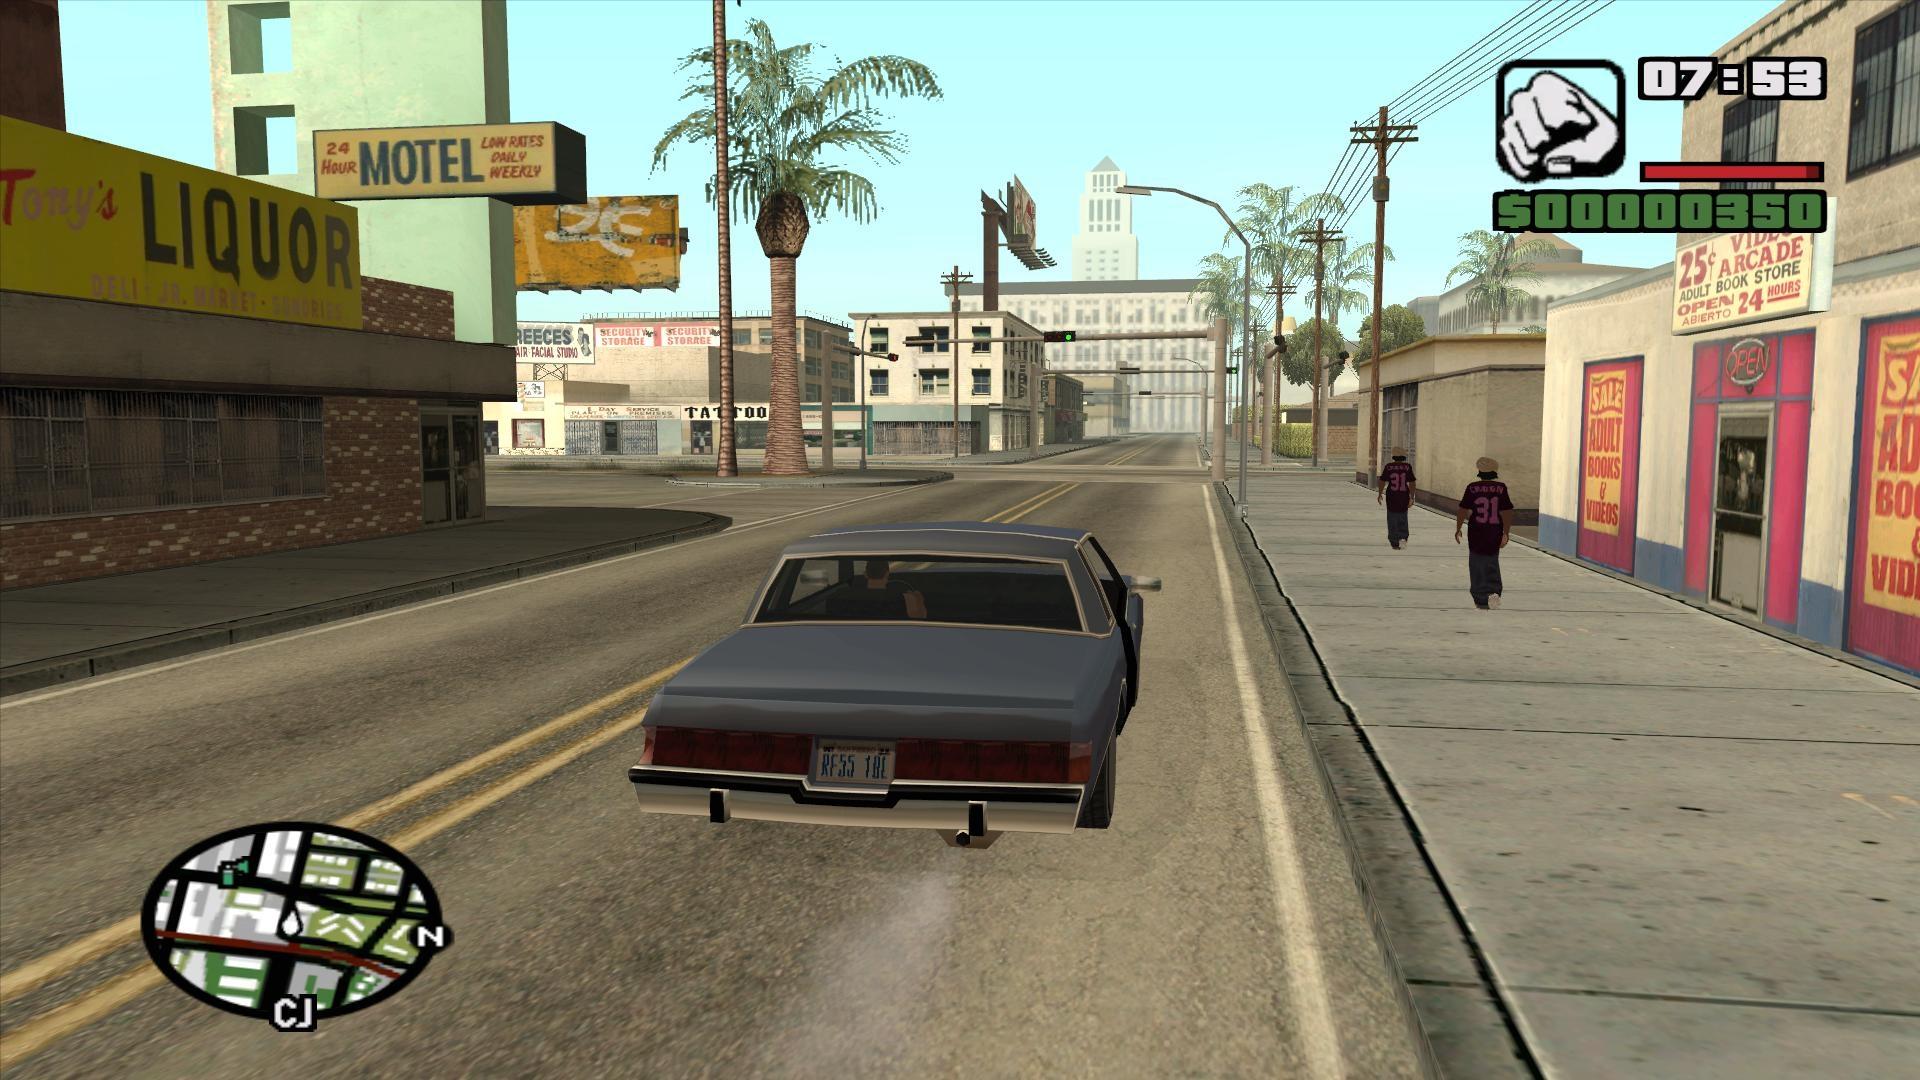 Изображение для GTA (Grand Theft Auto): San Andreas (2005) PC | Лицензия (кликните для просмотра полного изображения)